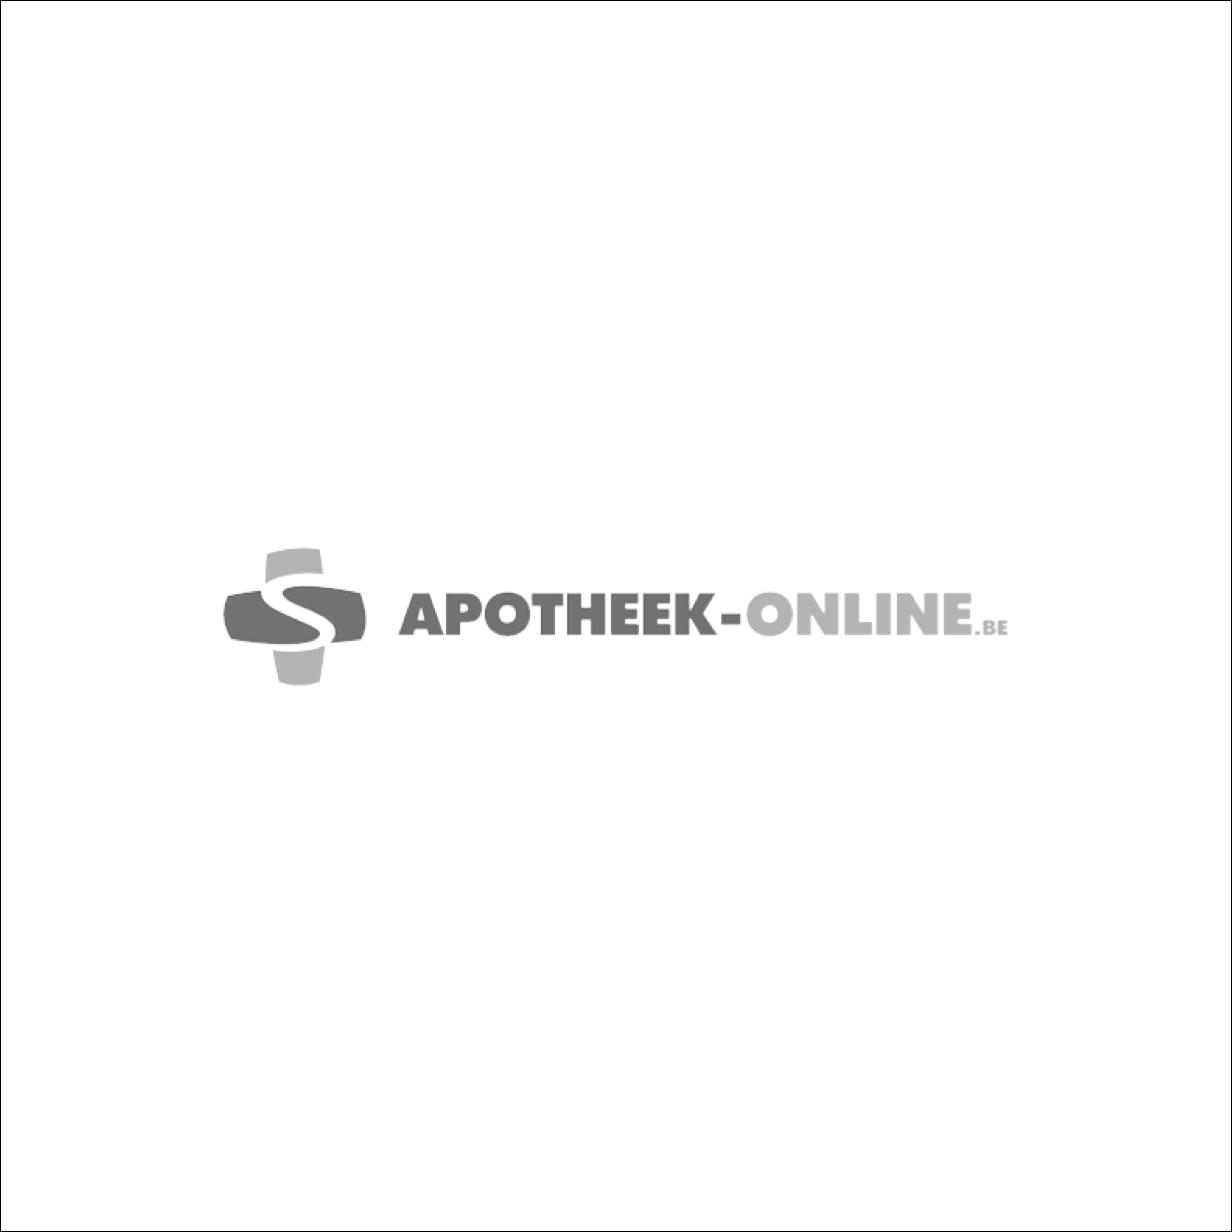 AQUACEL AG VERB WIEK HYDROF. STER 2X45CM 5 403712